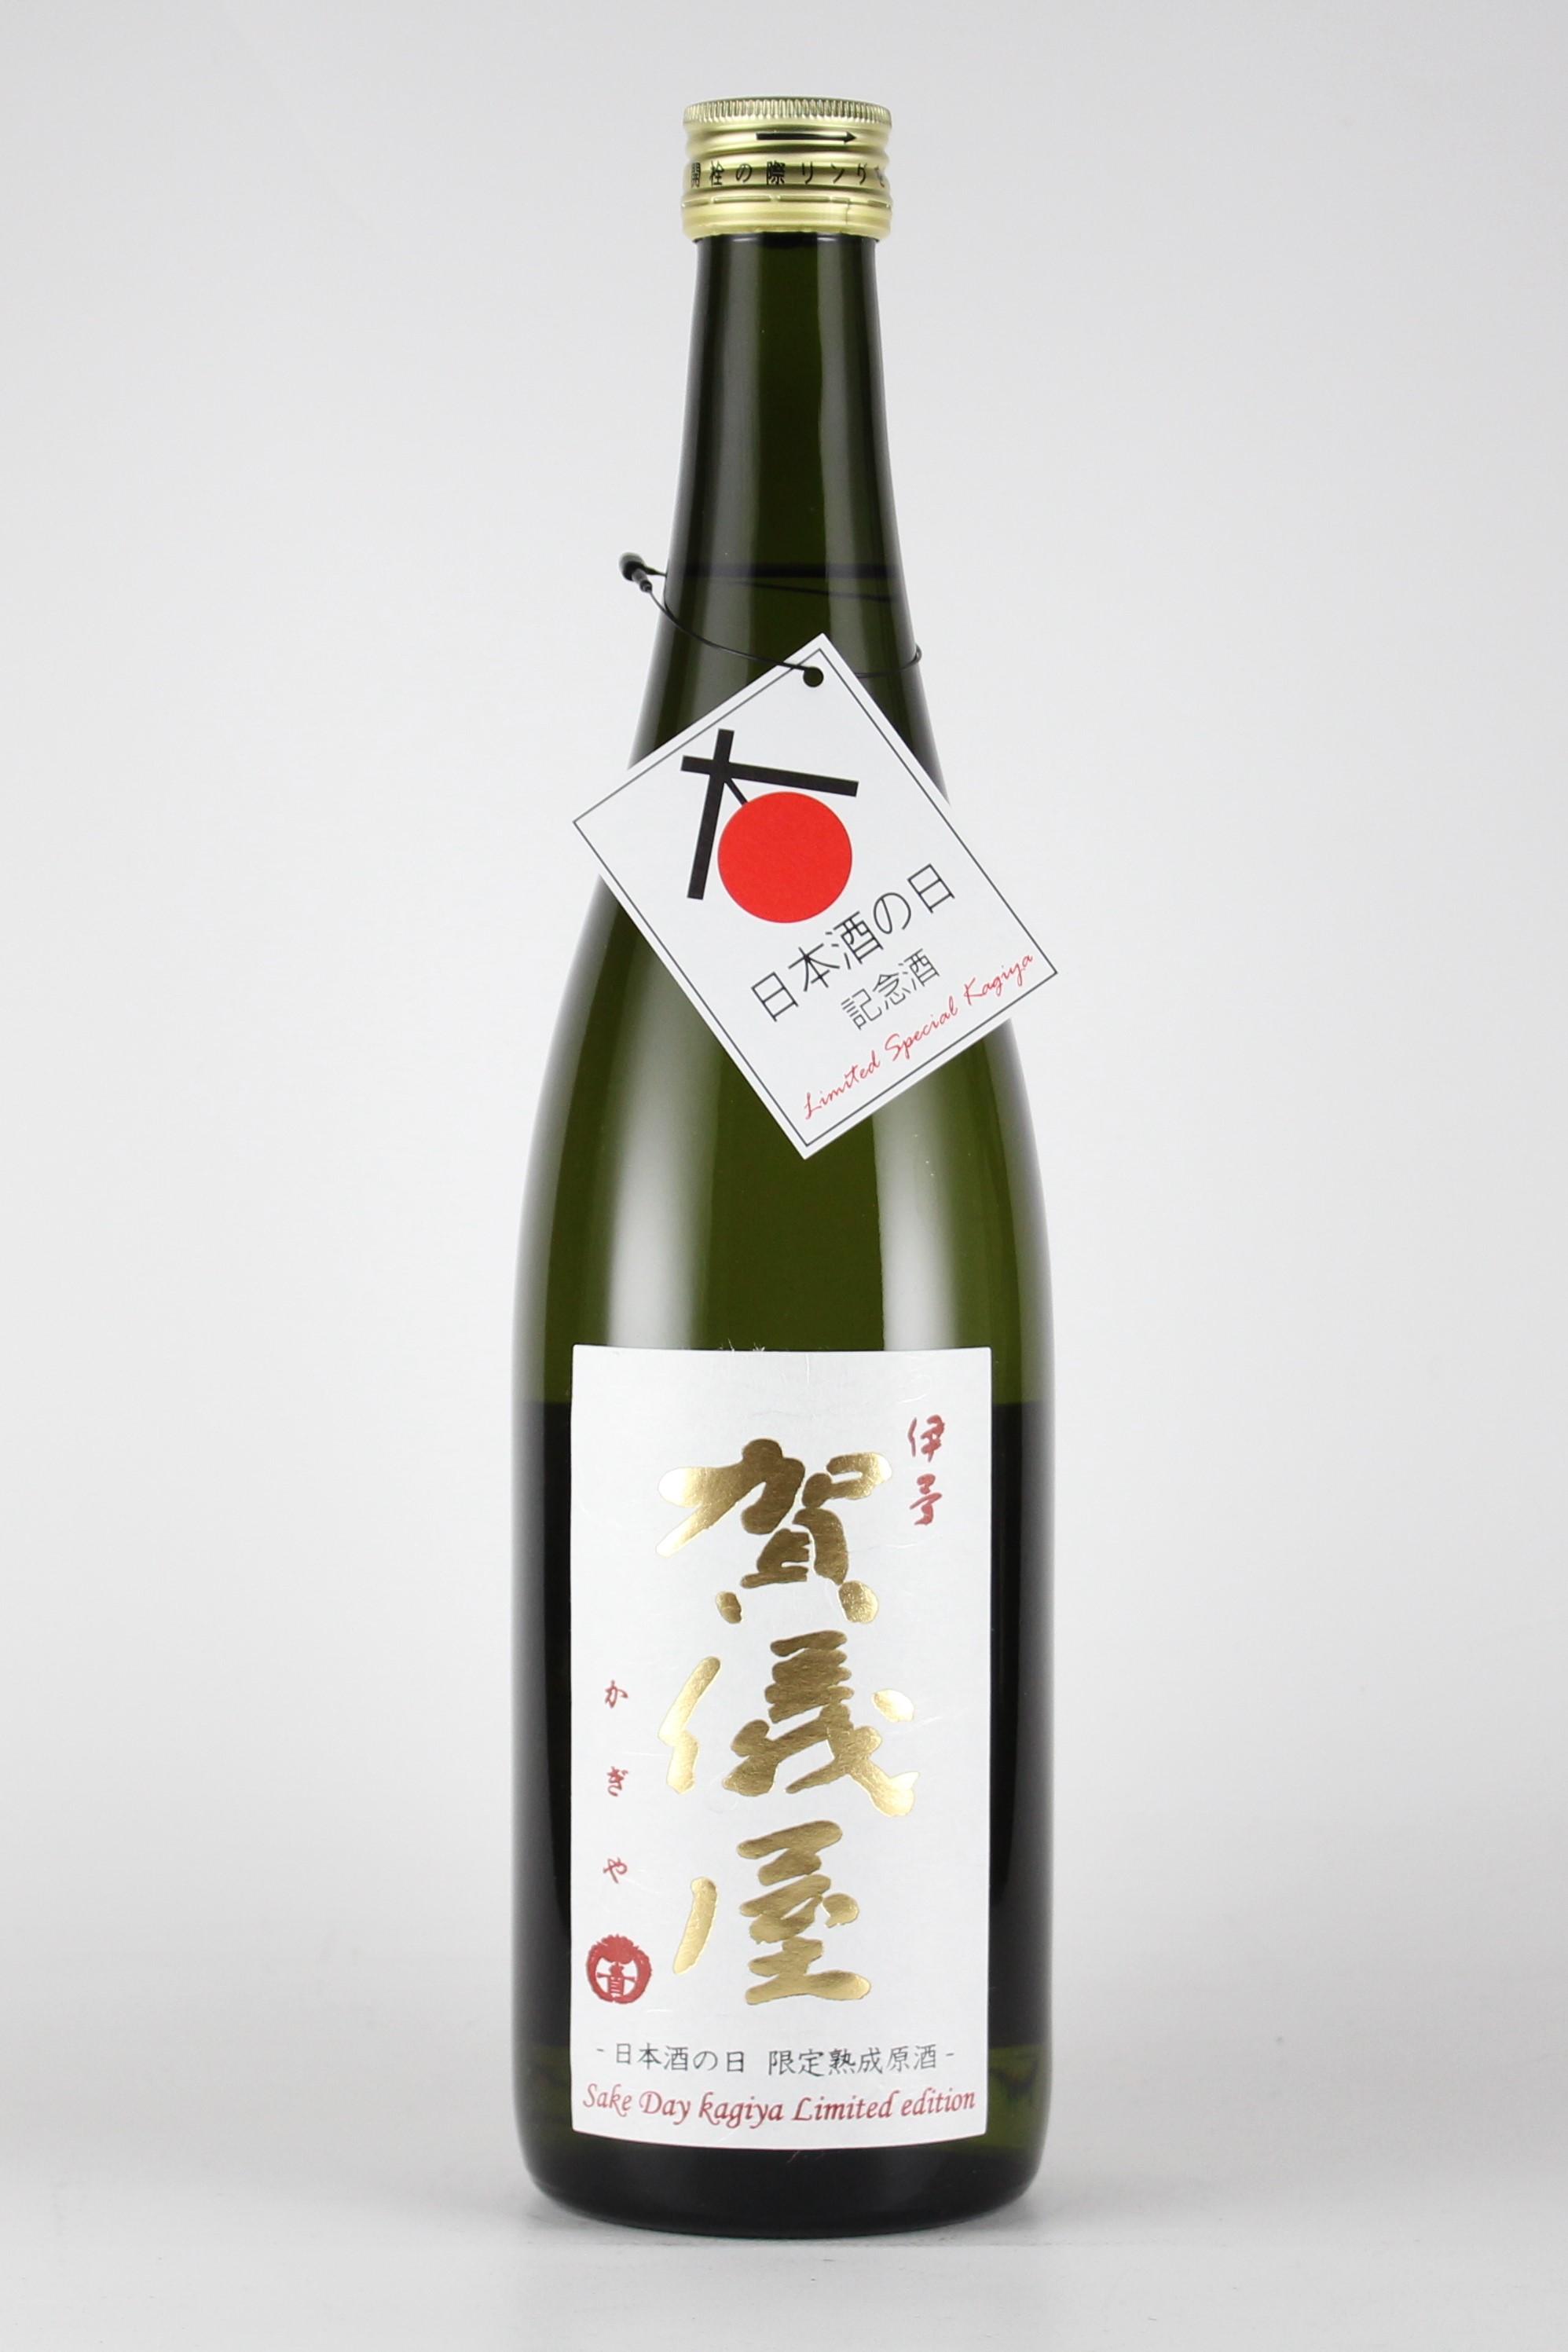 賀儀屋2019 日本酒の日 記念酒 無濾過純米吟醸原酒 限定熟成 720ml 【愛媛/成龍酒造】